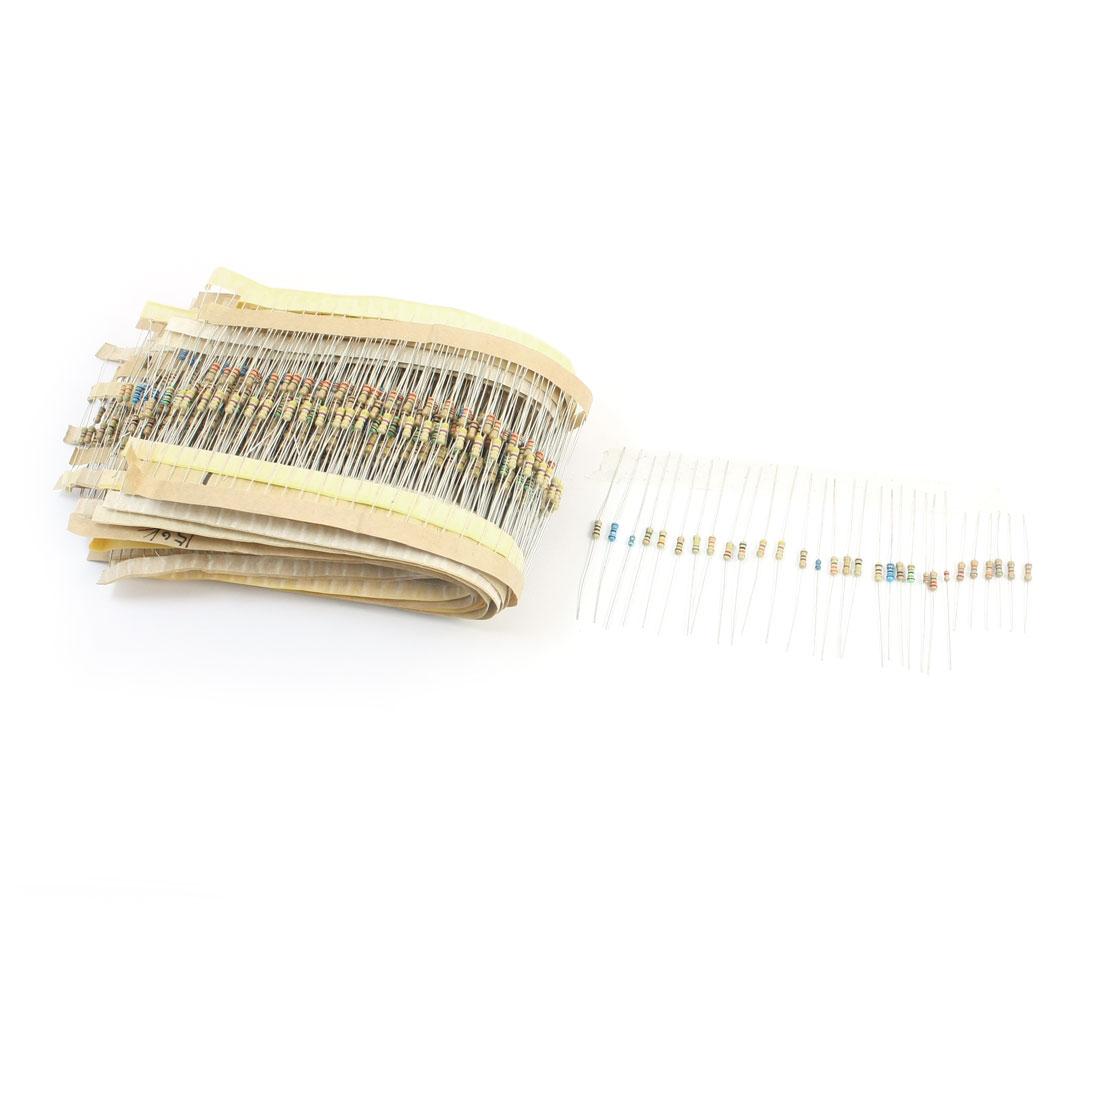 1500pcs 30 Values 20K-120K Ohm 5% Tolerance 1/4W 1/6W Carbon Film Resistors